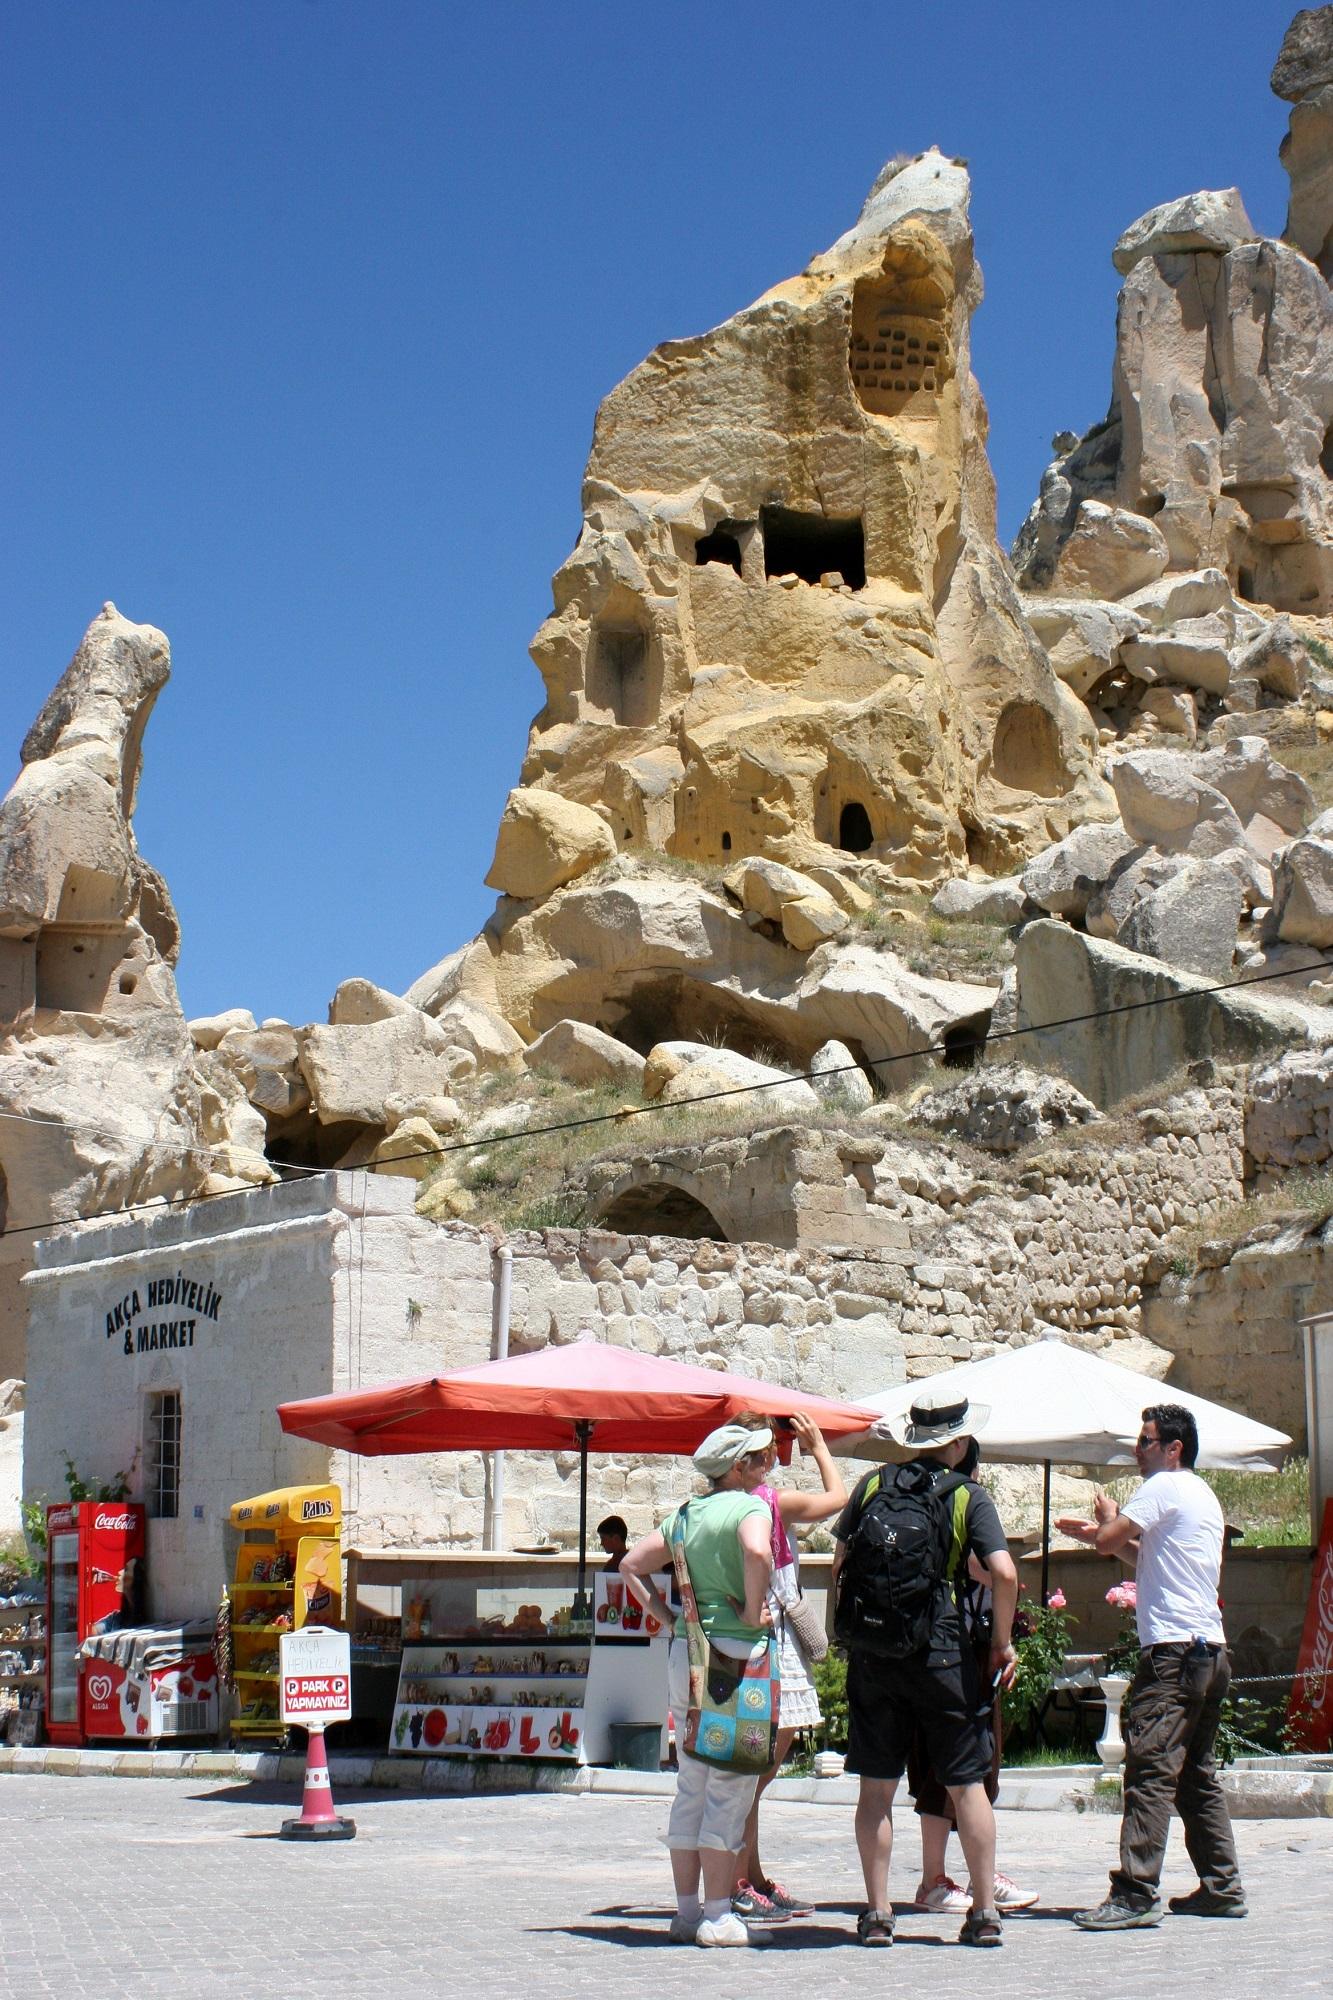 Monet Kappadokian kylistä on rakennettu vanhan luola-asutuksen kylkeen.